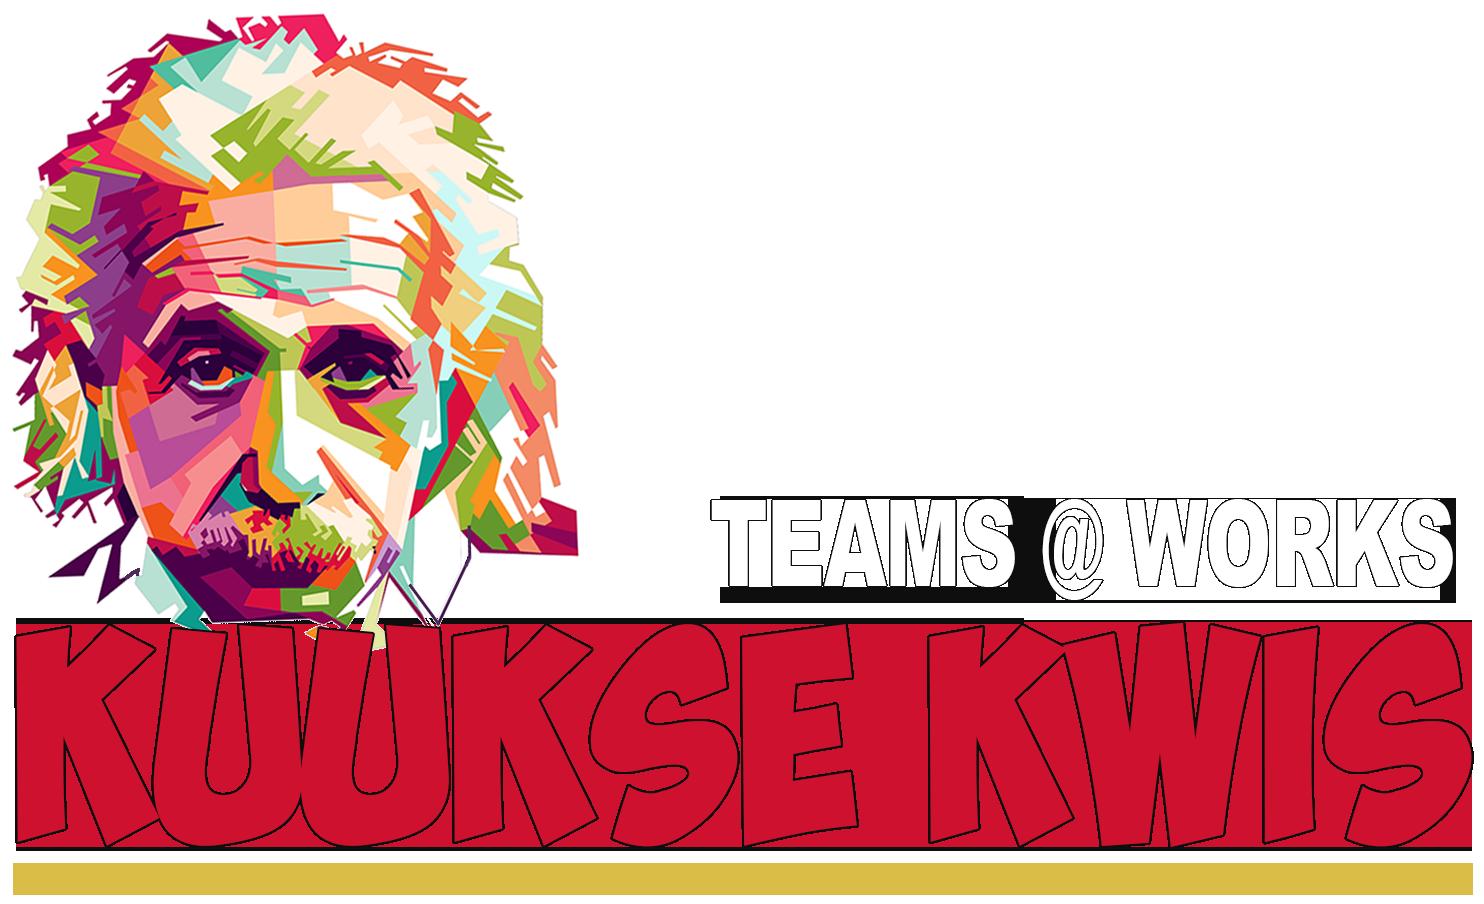 De Kuukse Kwis